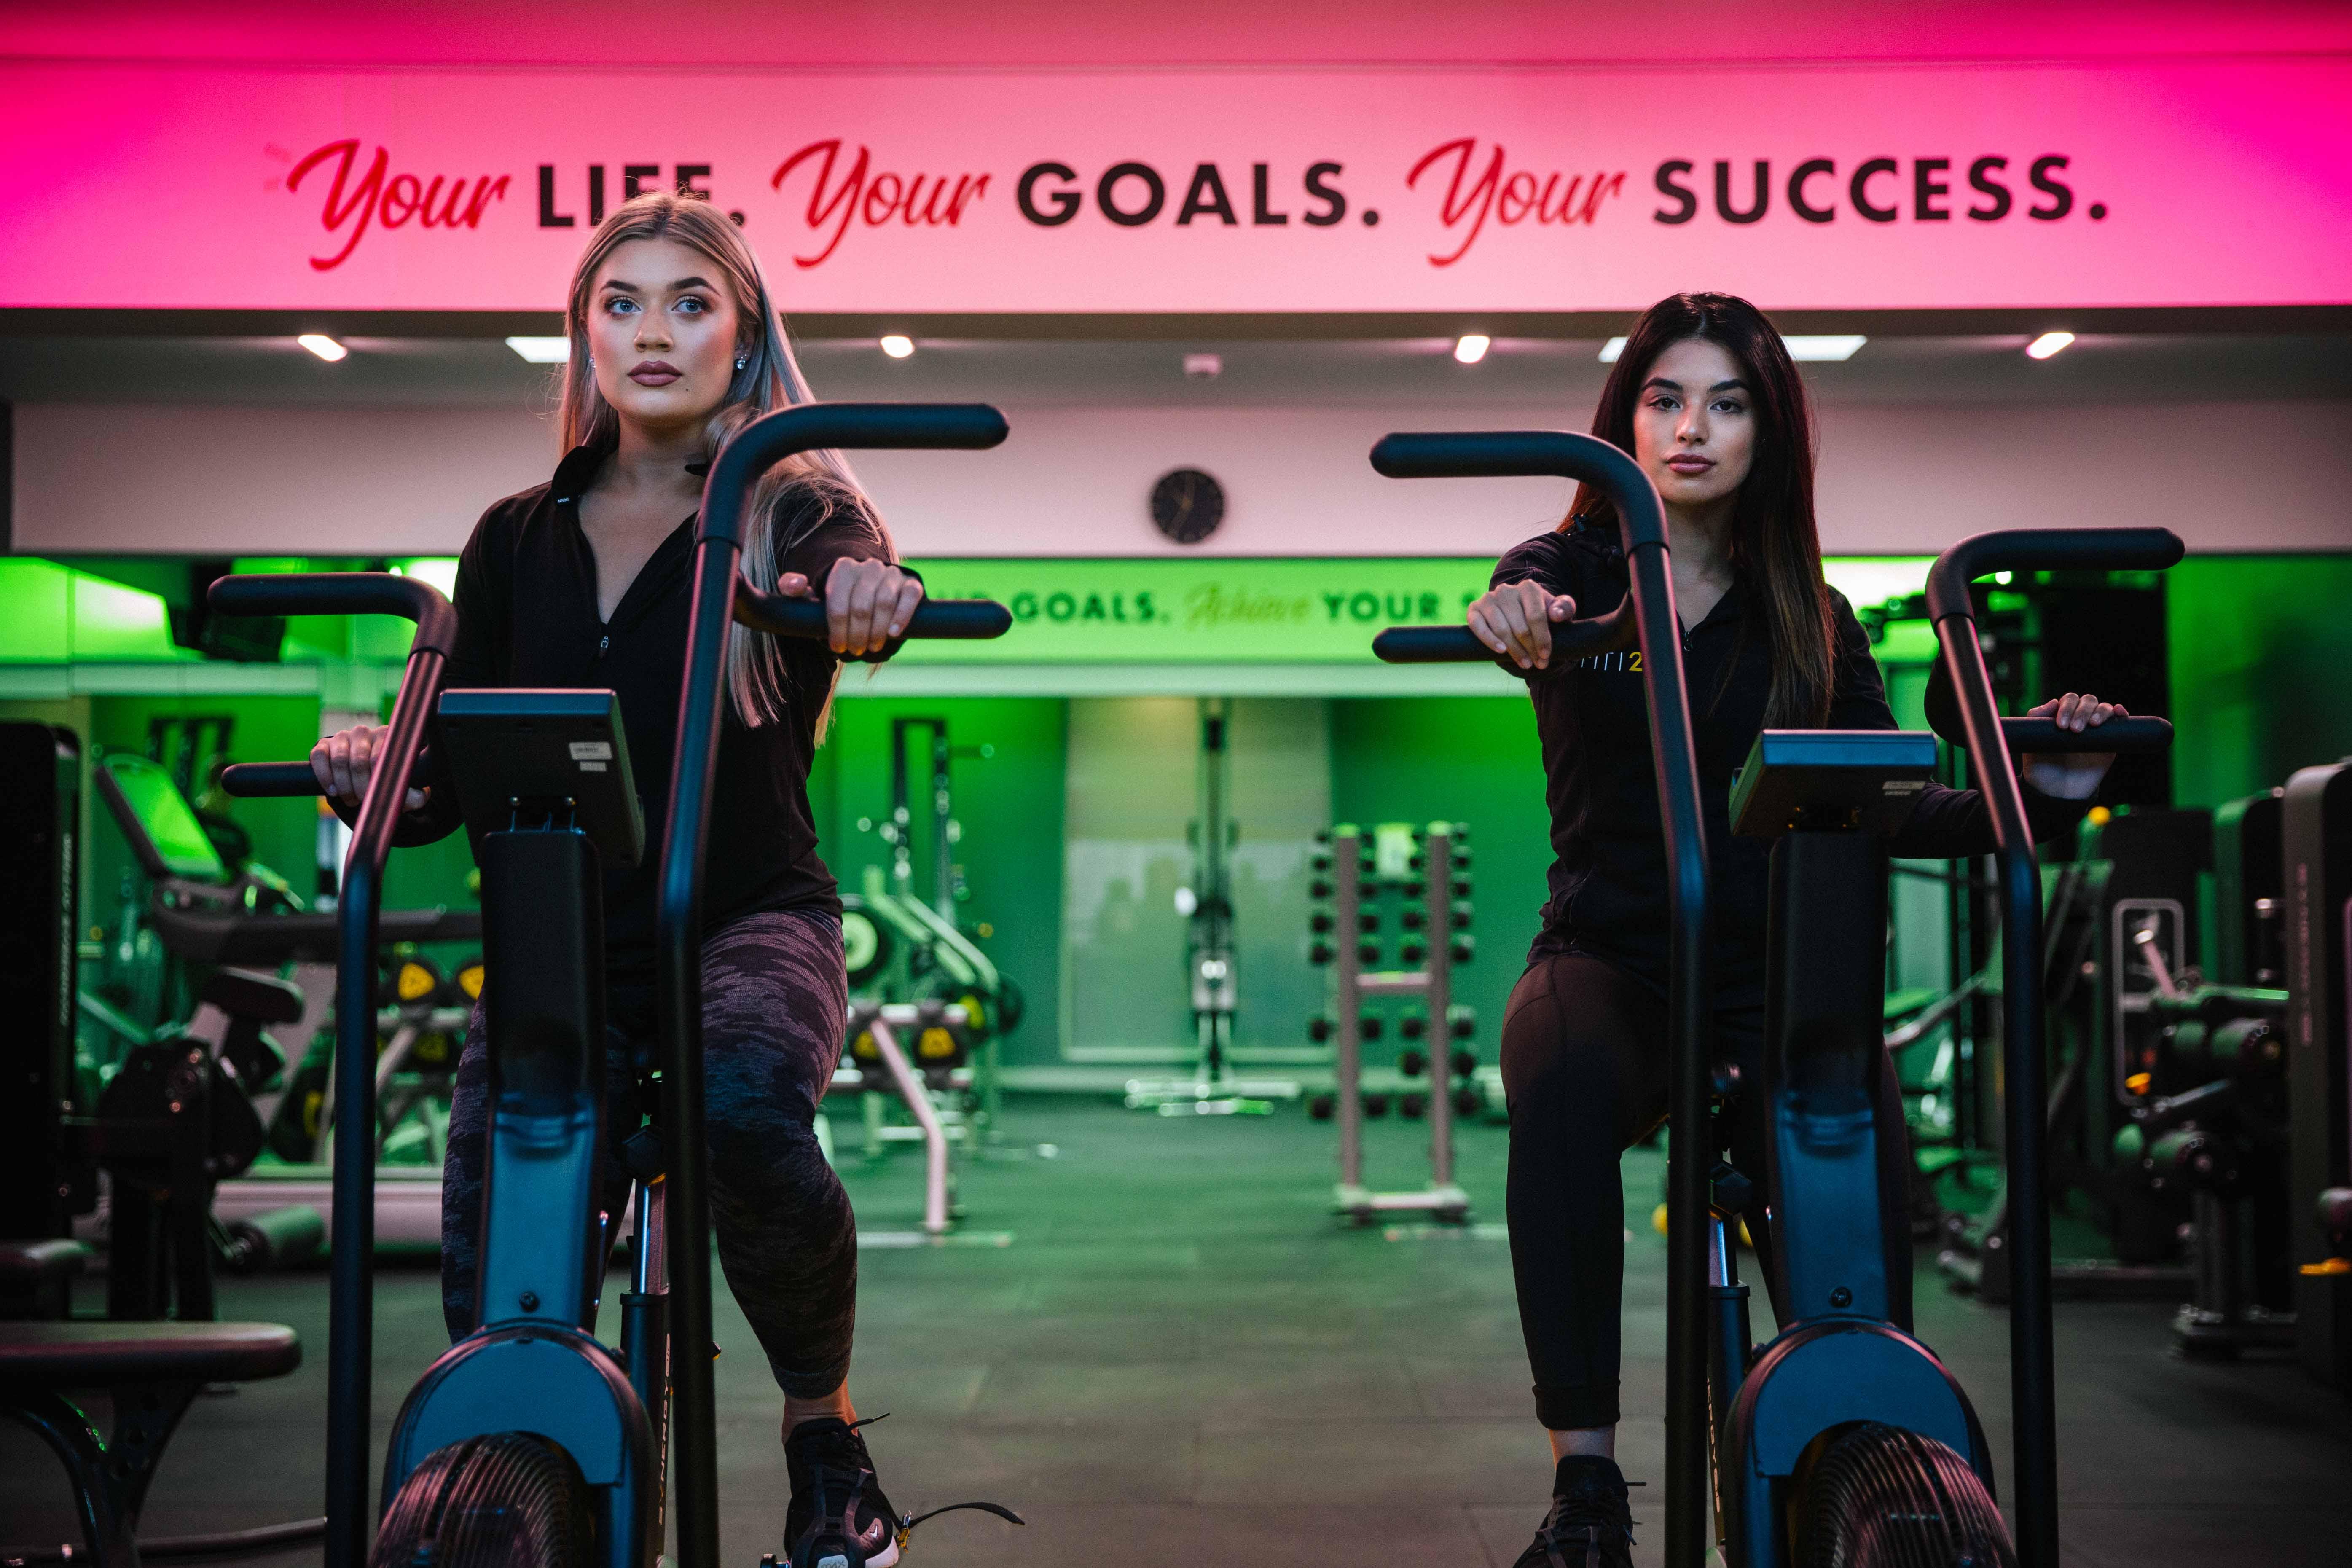 Fit26 - Gym